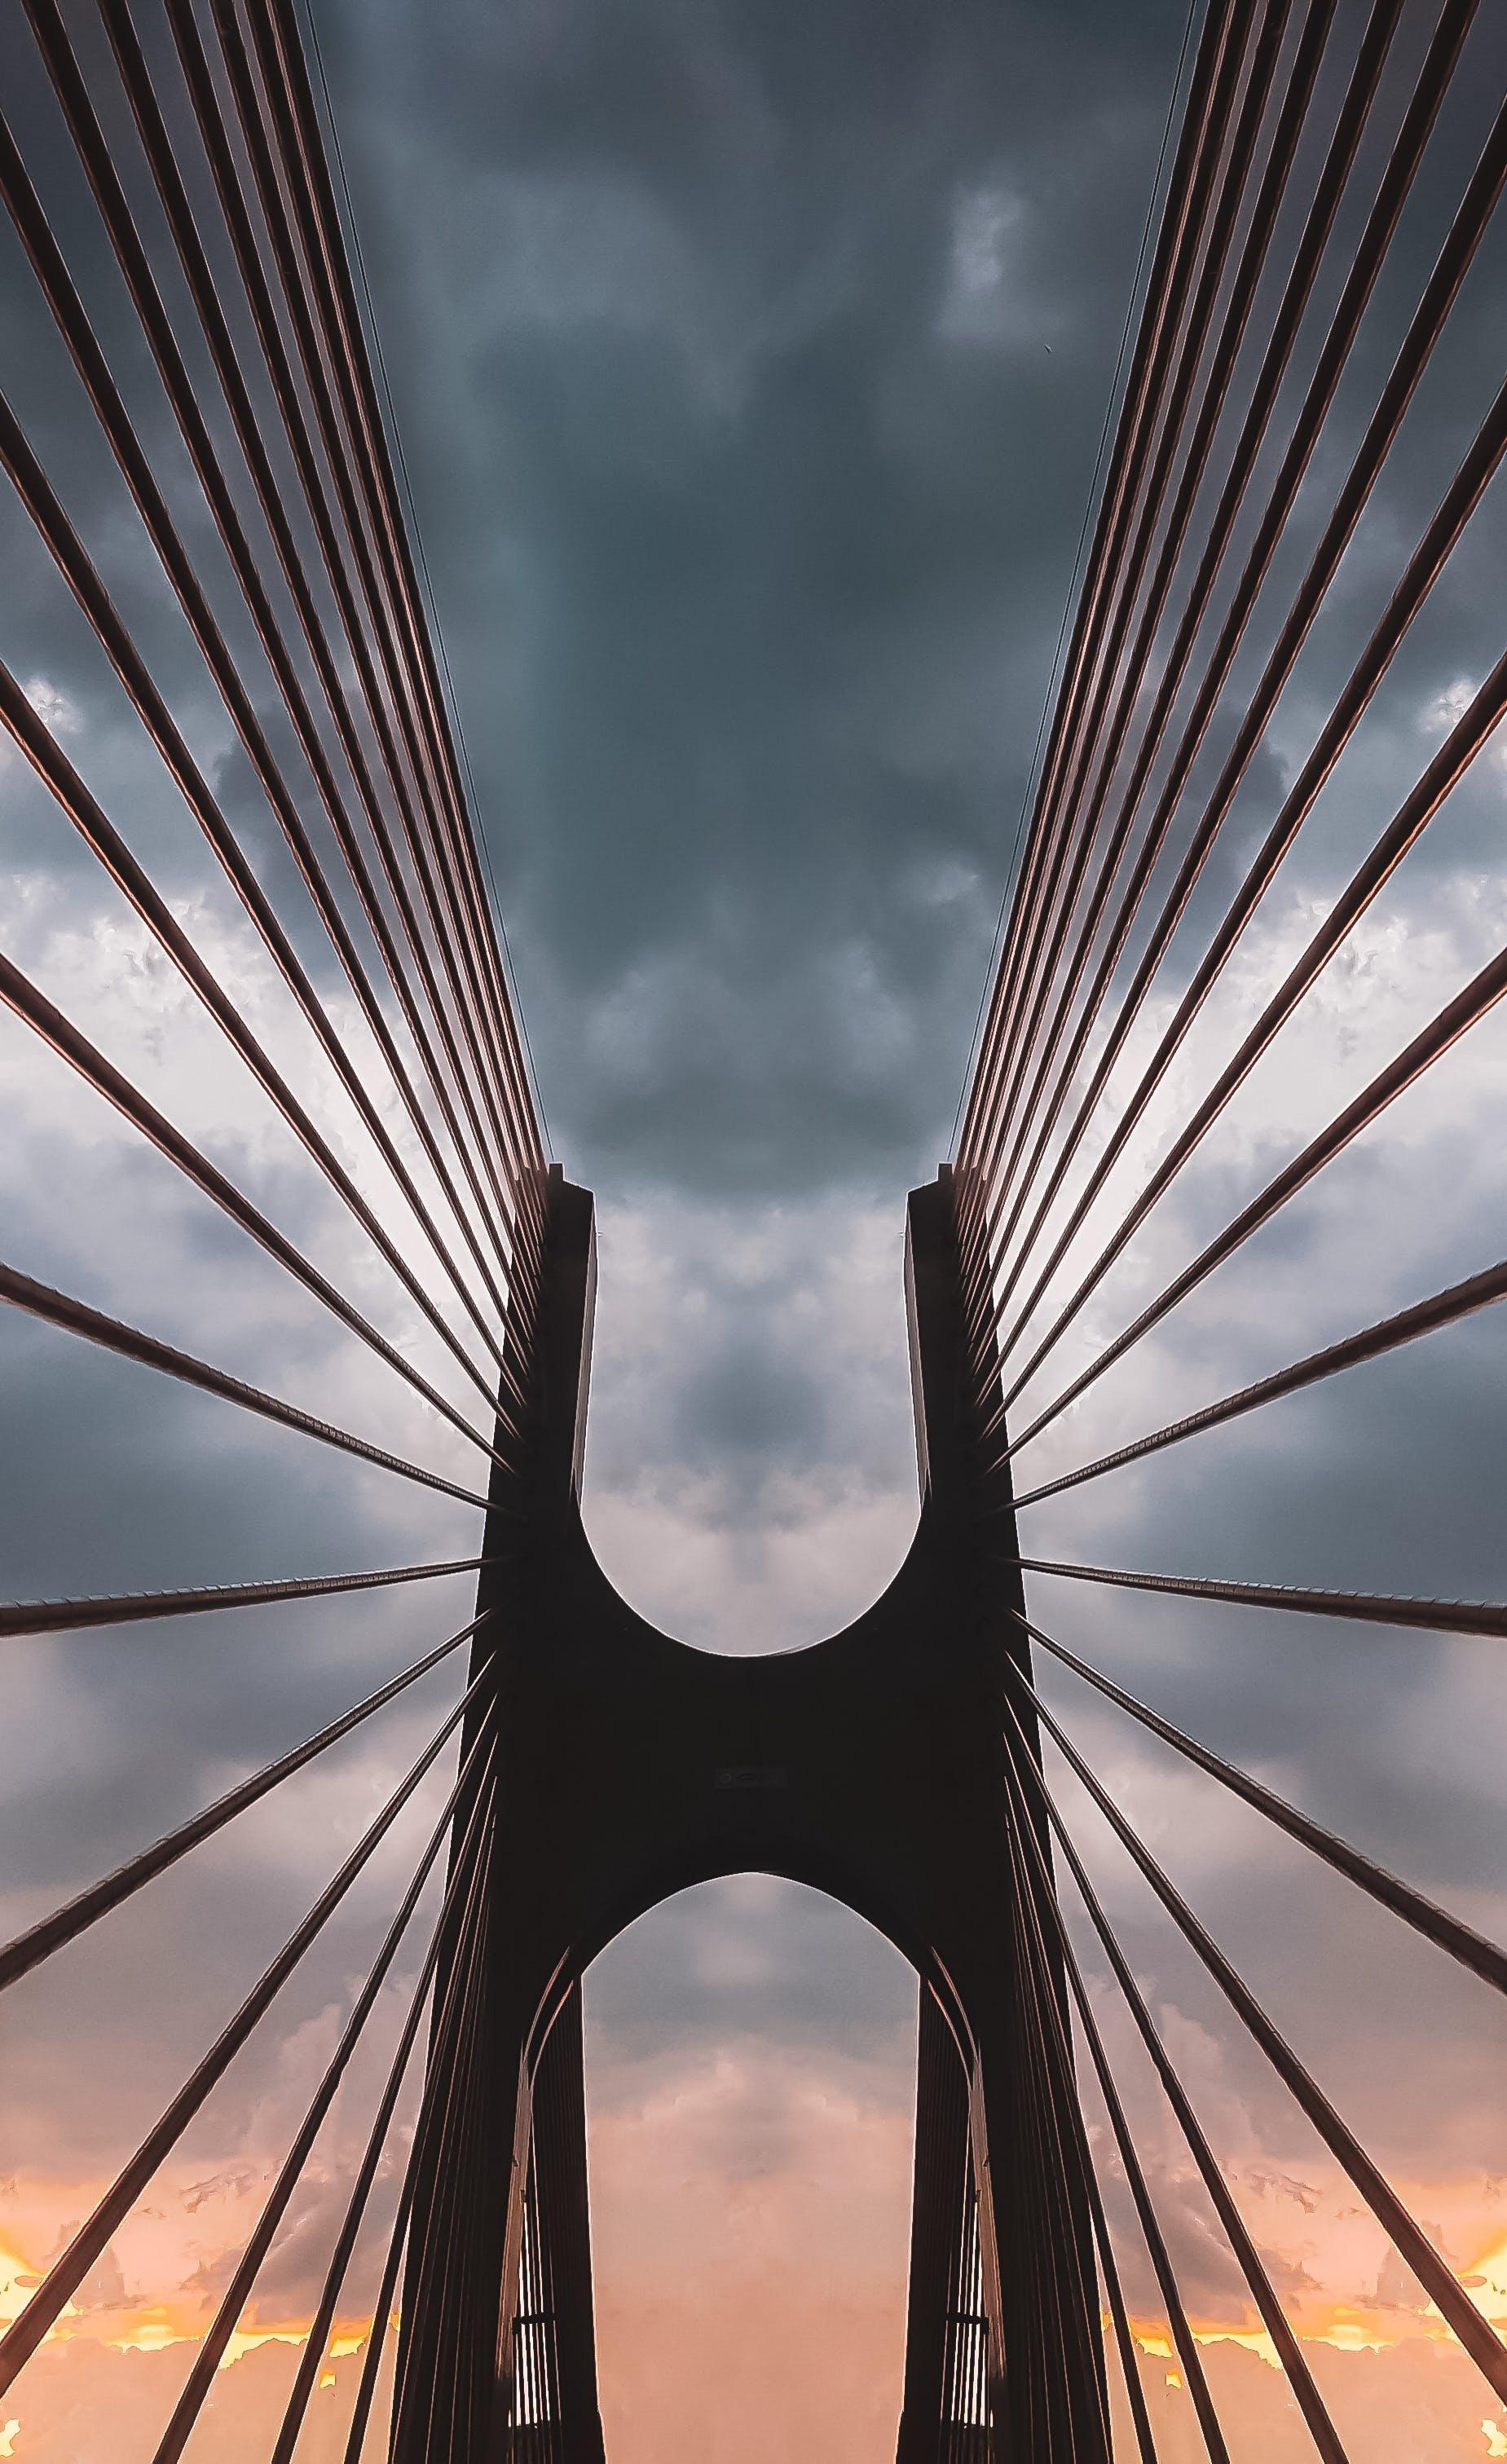 Immagine gratuita di acciaio, architettura, cielo, nuvole